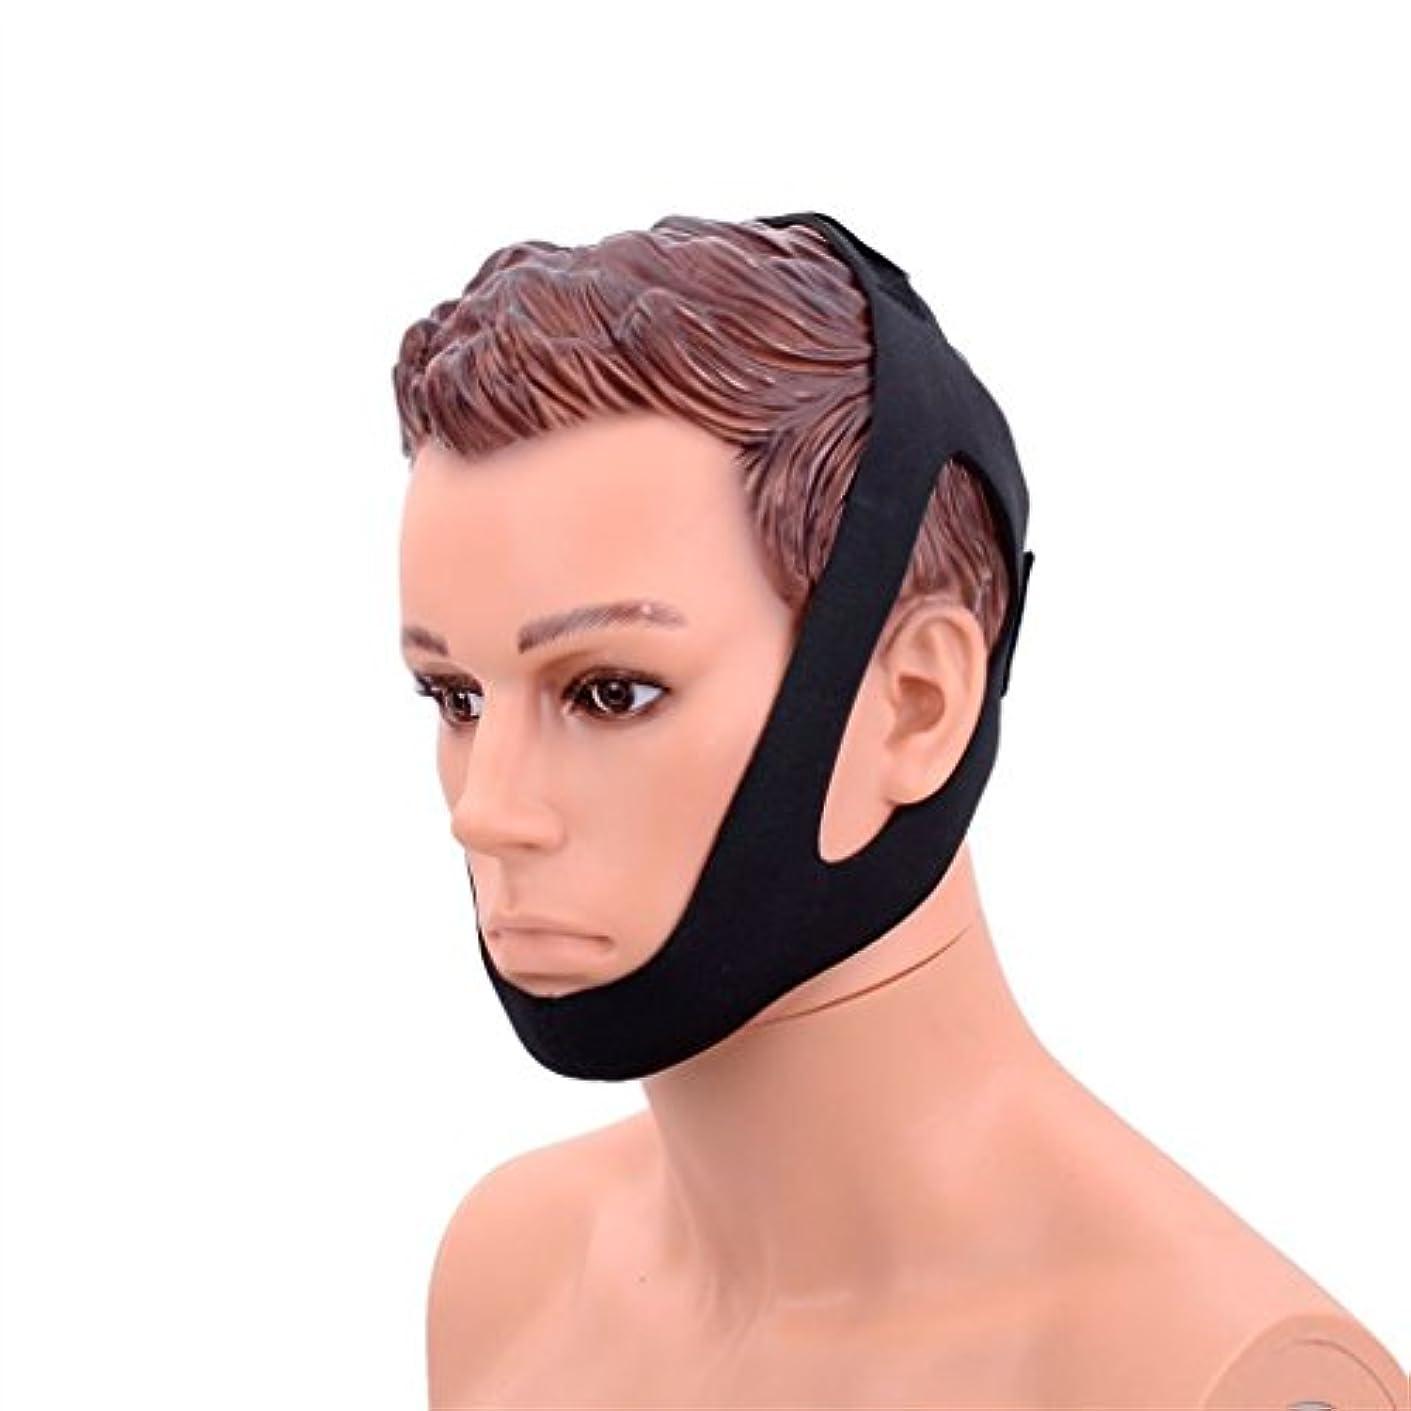 明確なアニメーションシンクQi いびき防止、人工物の停止 - 男性と女性のいびきの撲滅 - 障害物 - いびきストッパー - 顎ベルト - 脱臼 - Xia (色 : Black)